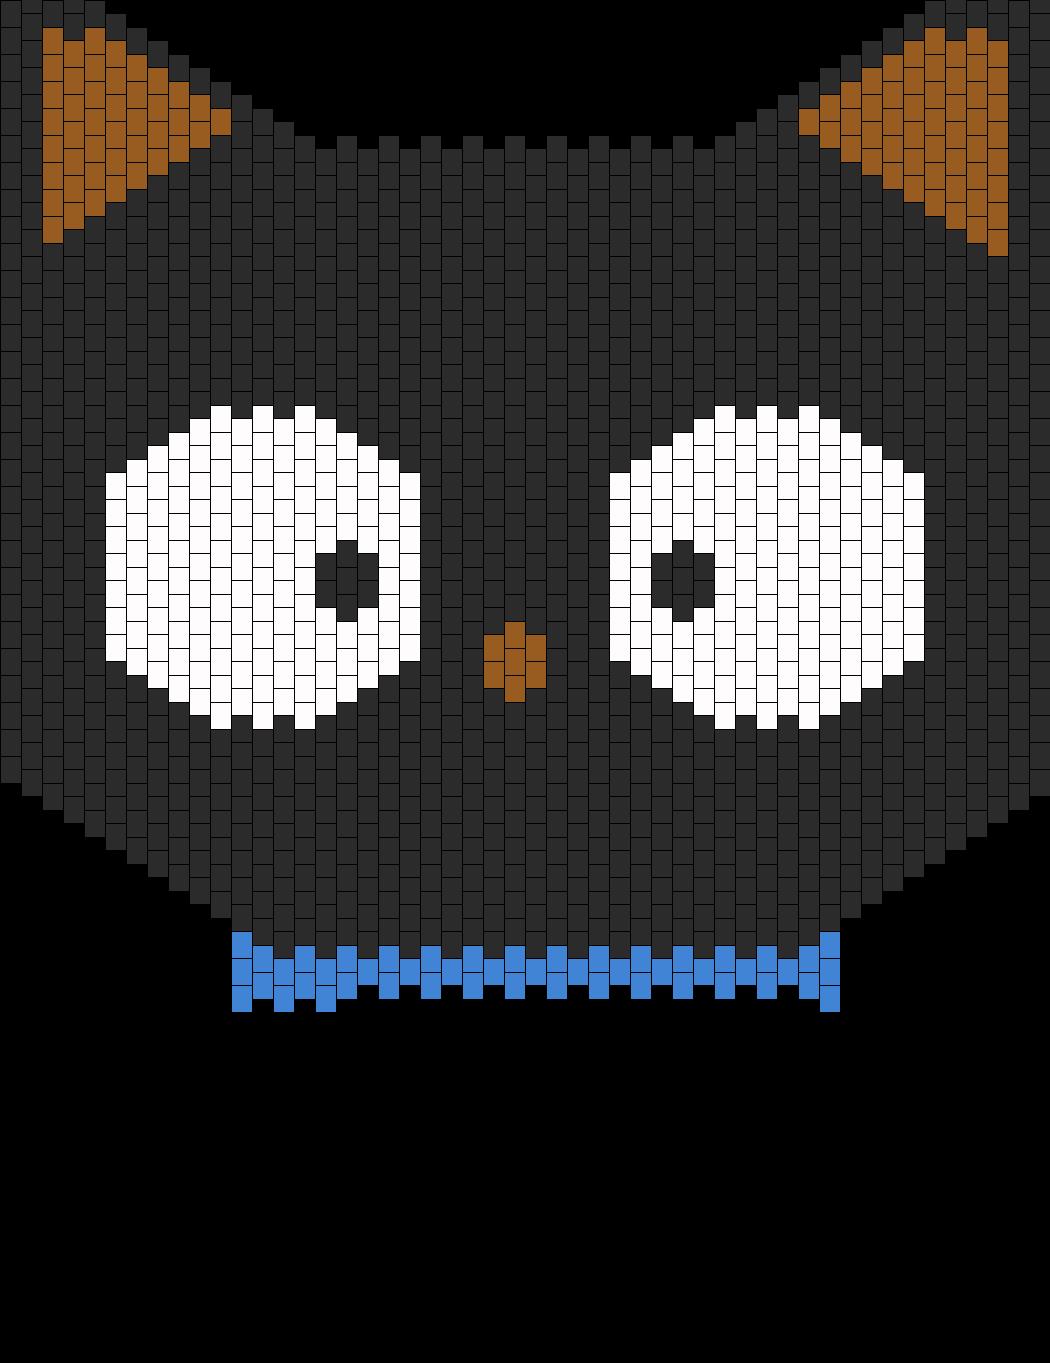 Chococat Face